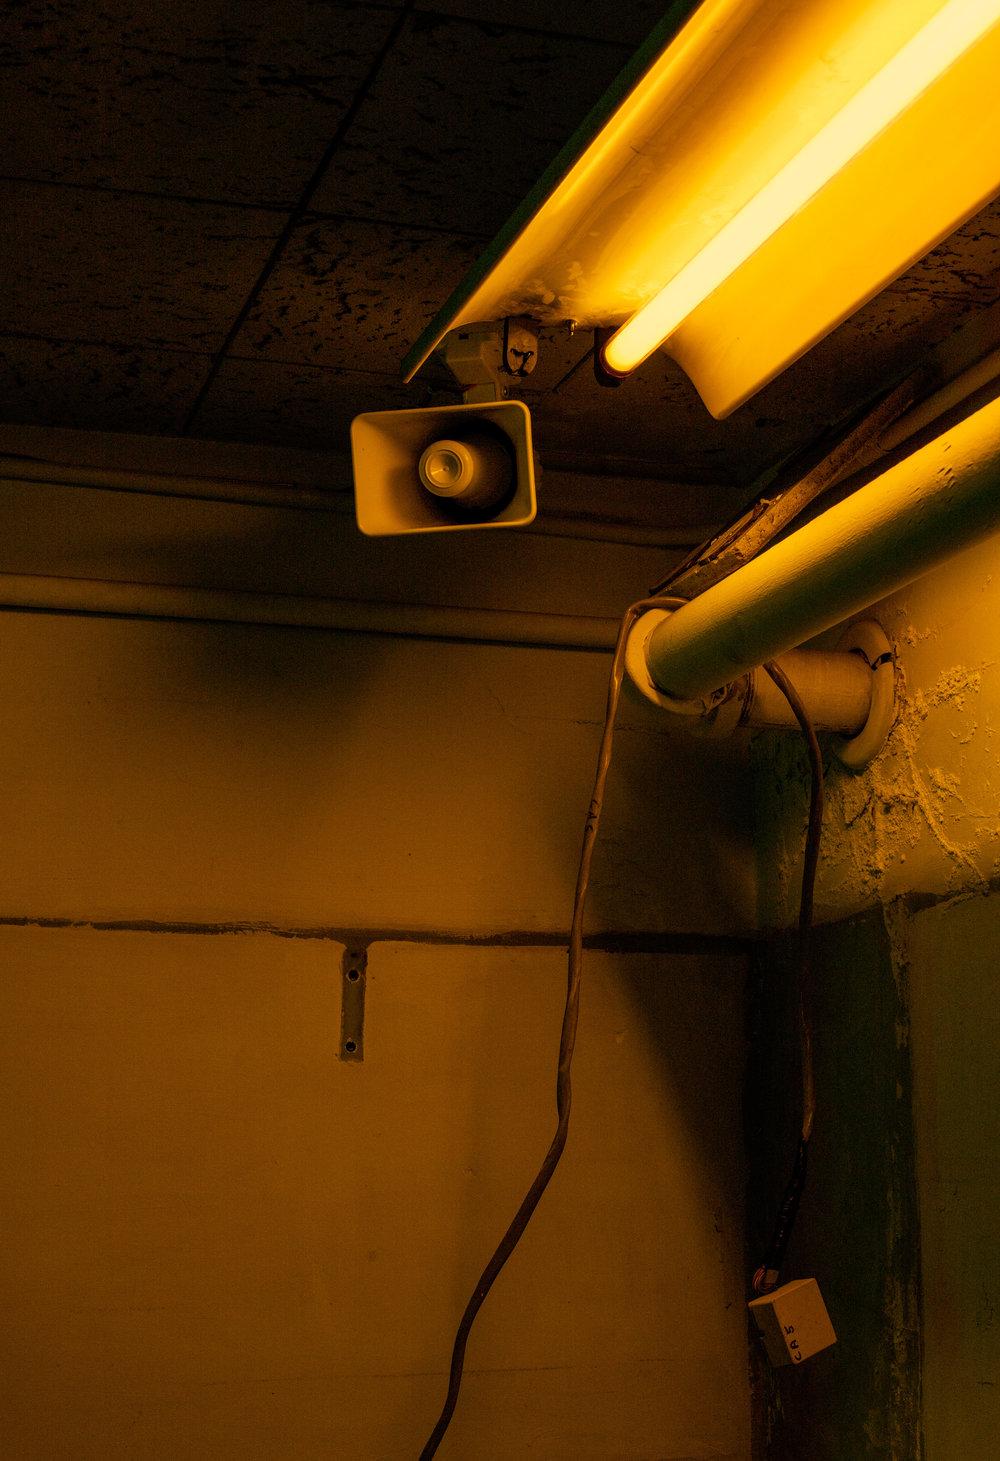 yellow-speaker-TBP_7273.jpg